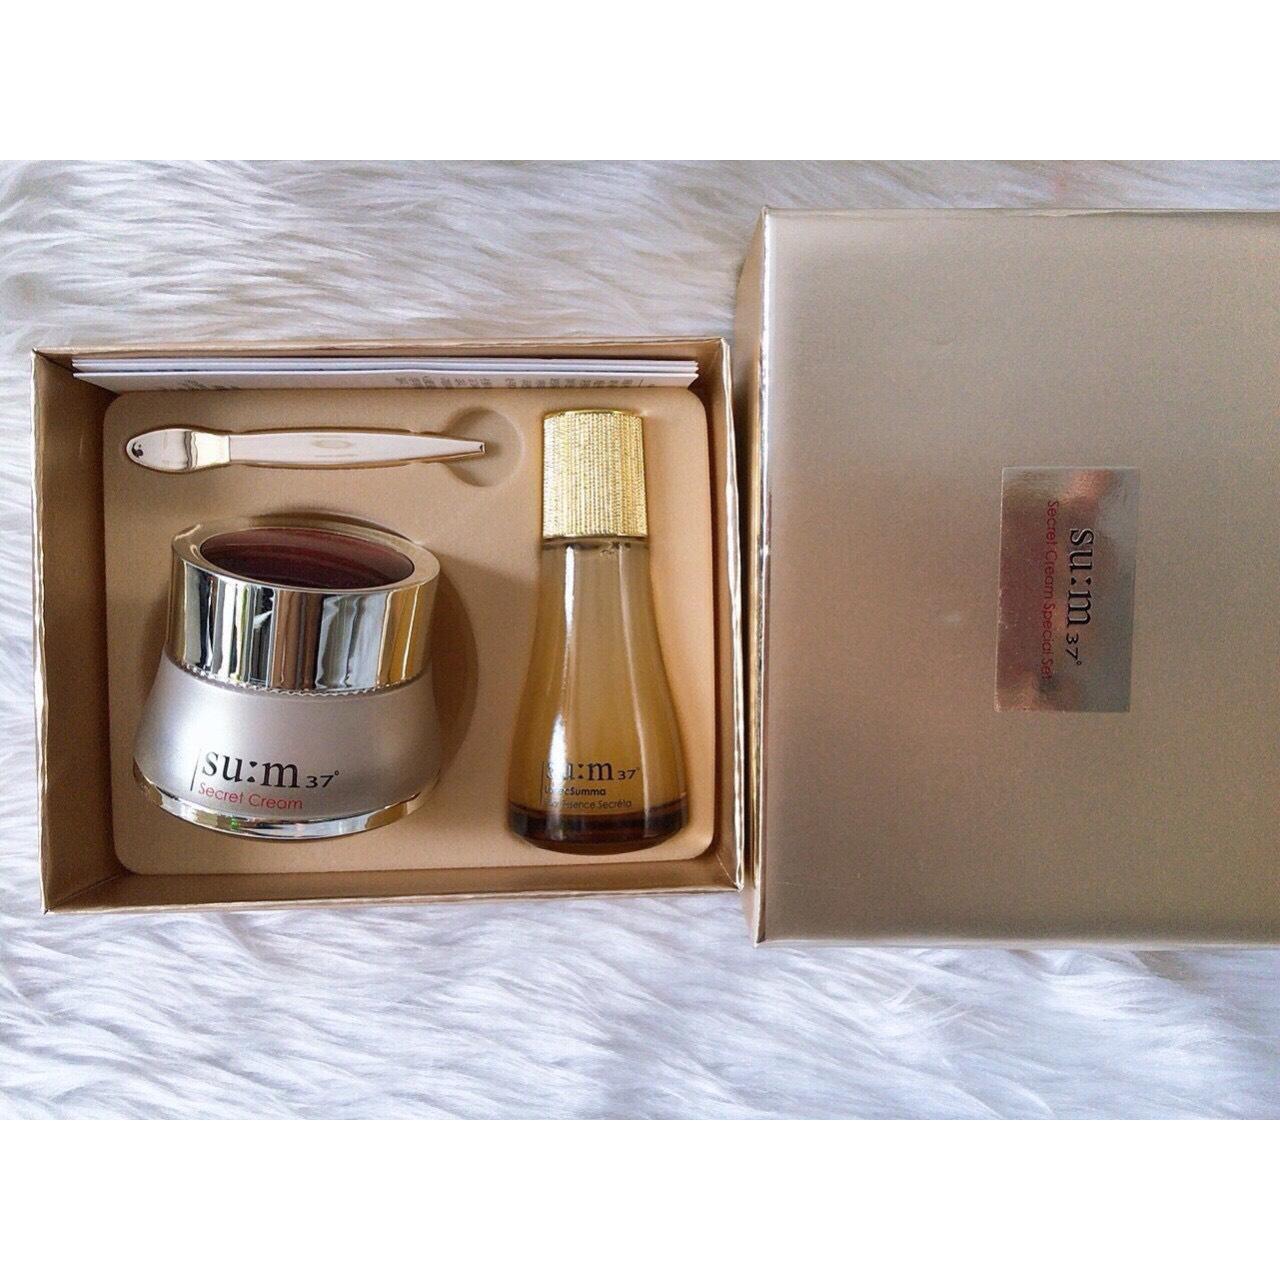 Bộ kem dưỡng và nước thần thanh lọc ngăn ngừa lão hóa Su:m37 Secret Cream Set 40ml